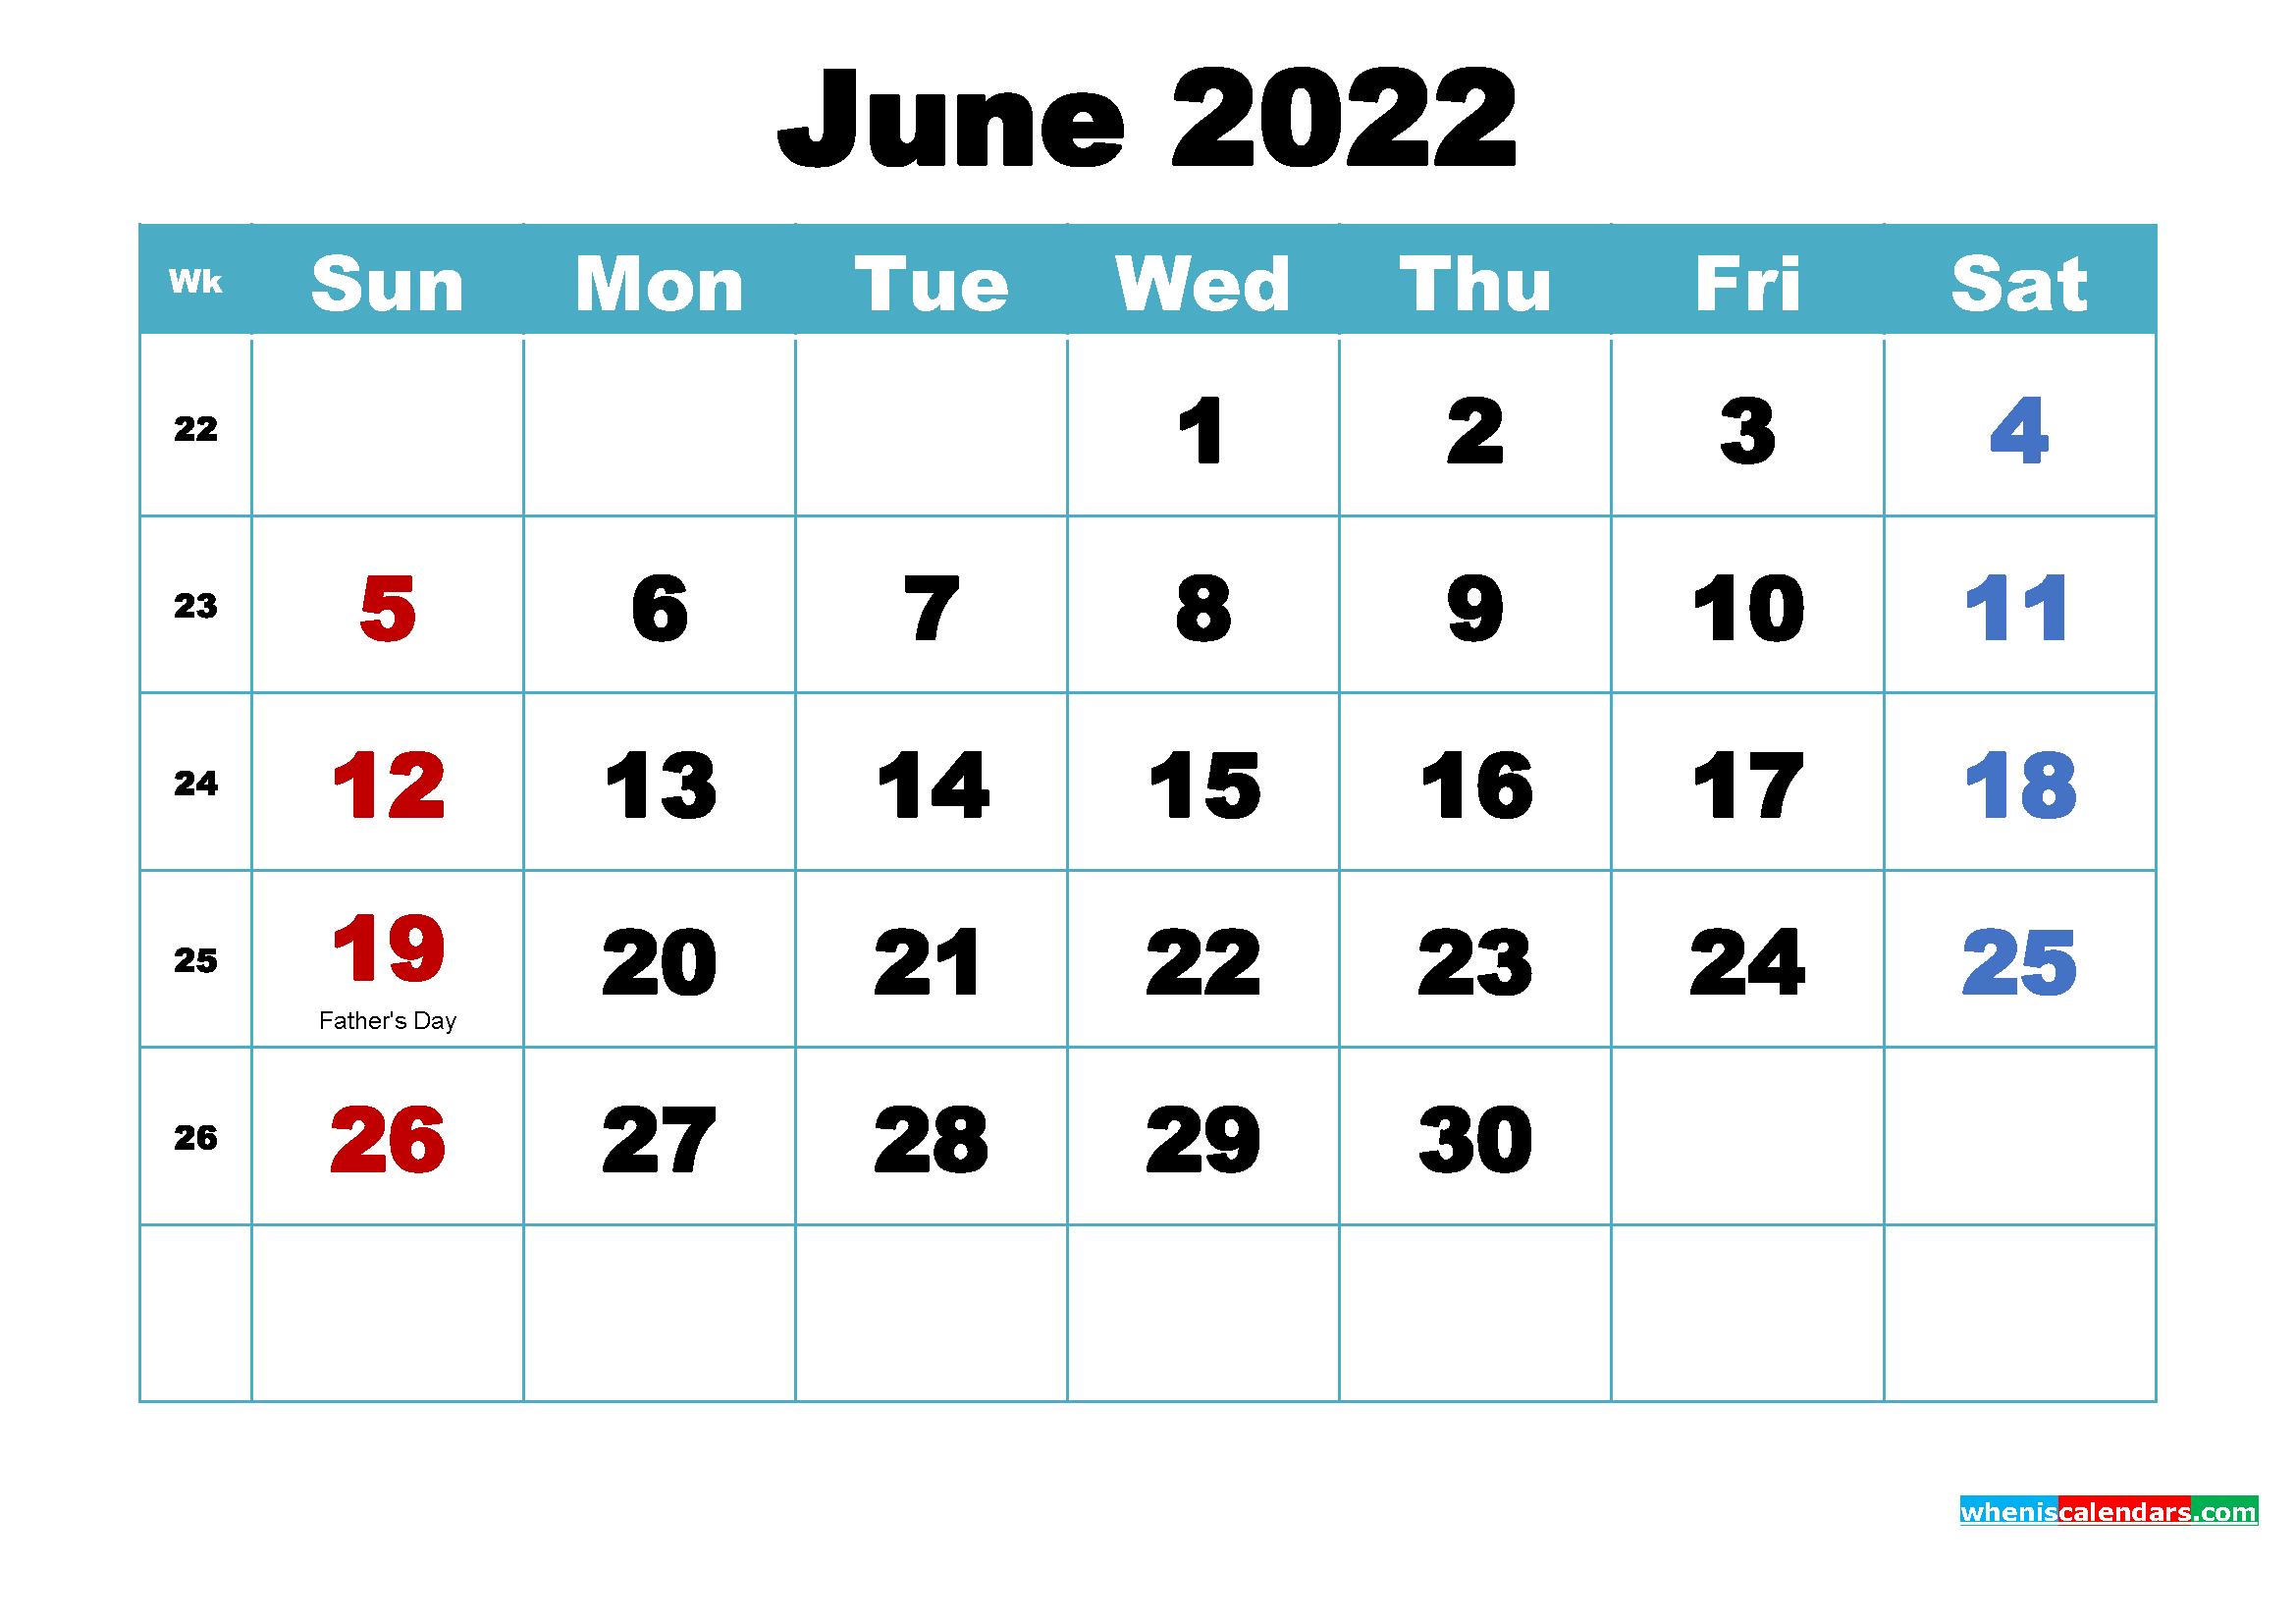 June 2022 Calendar Wallpaper Free Download